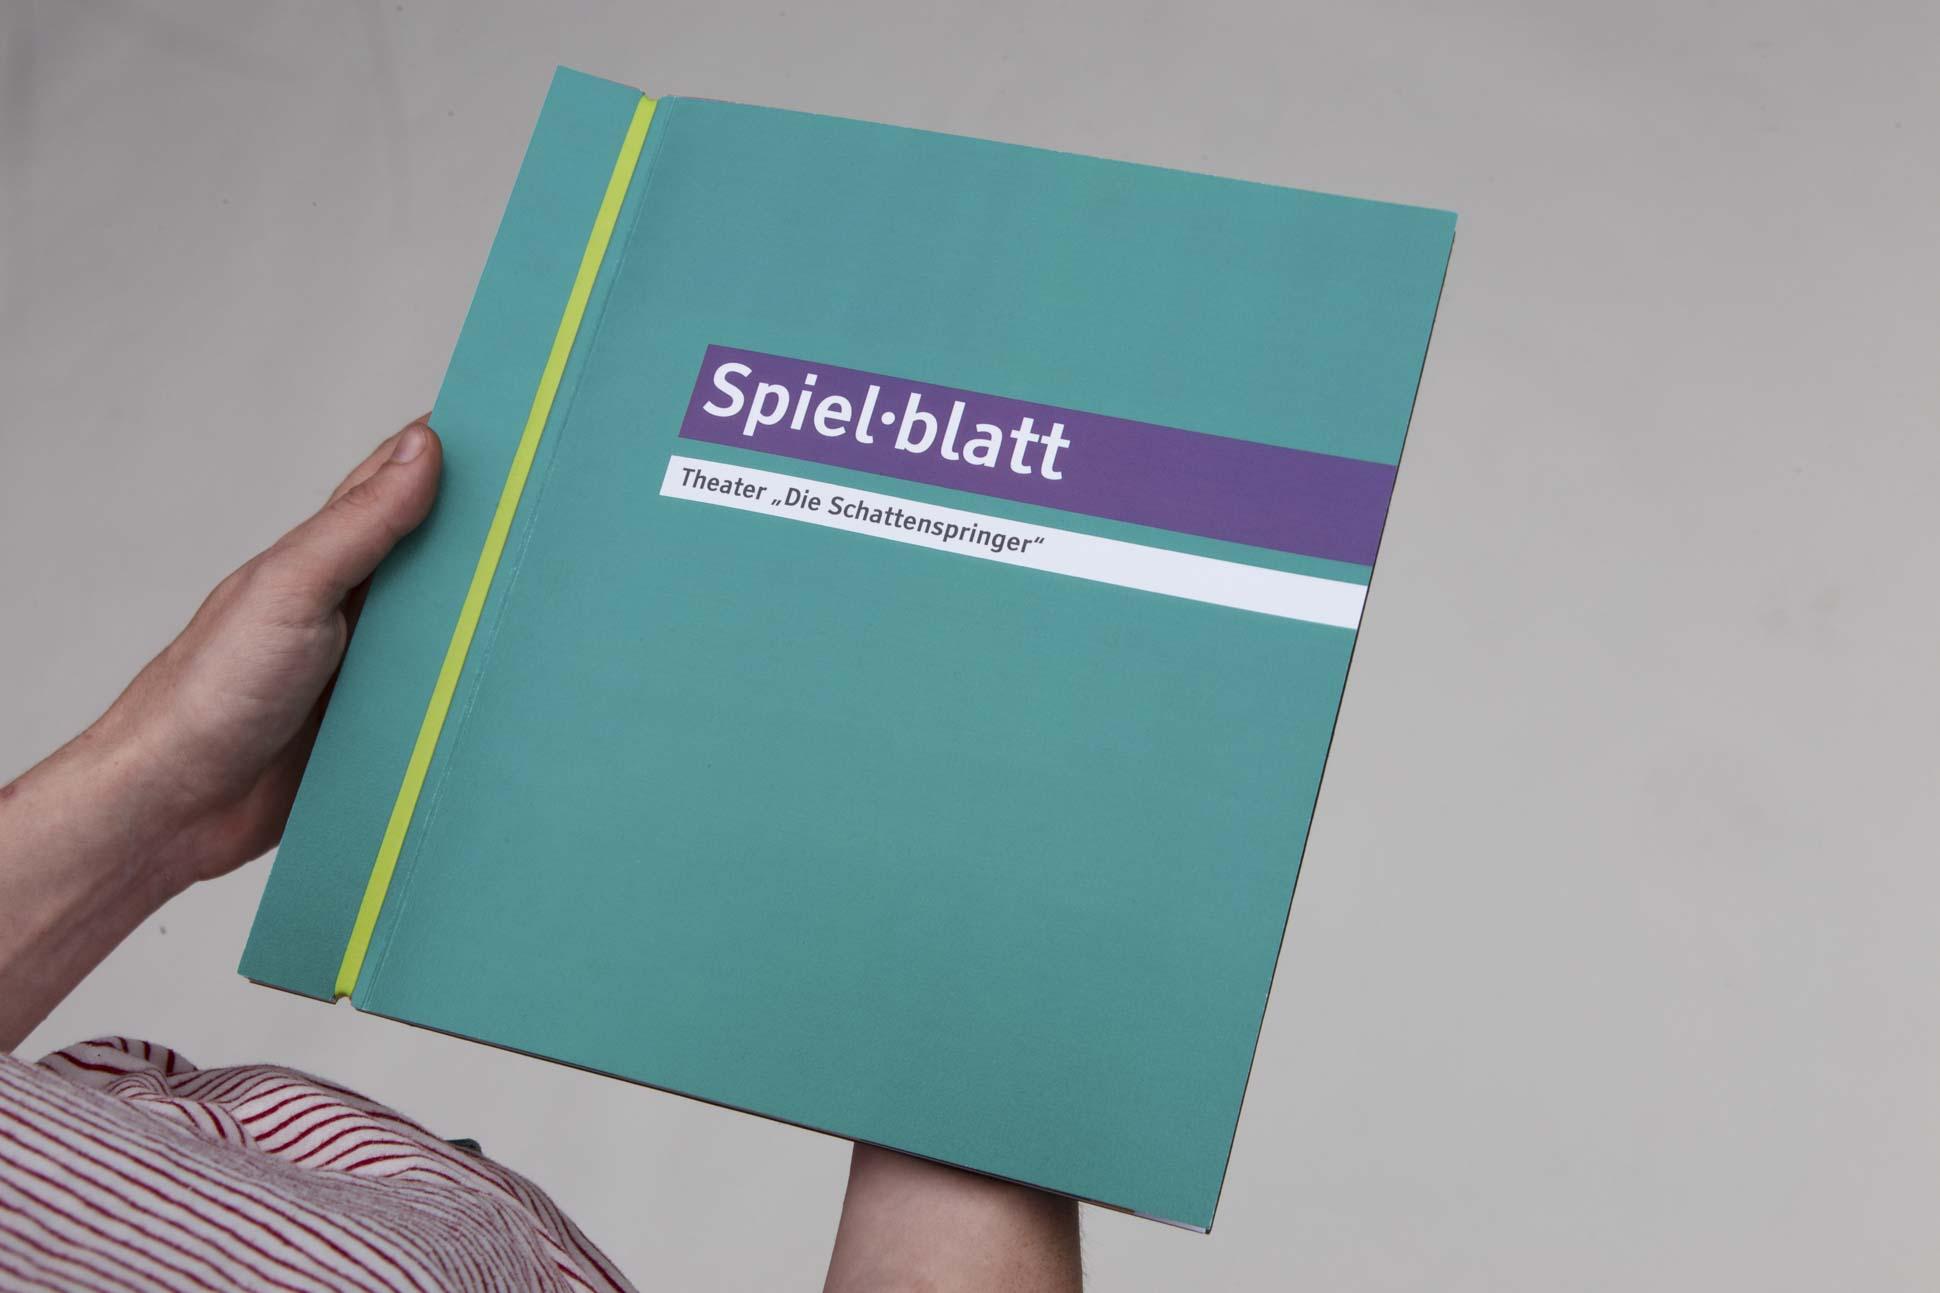 friederike_spielblatt_01_full